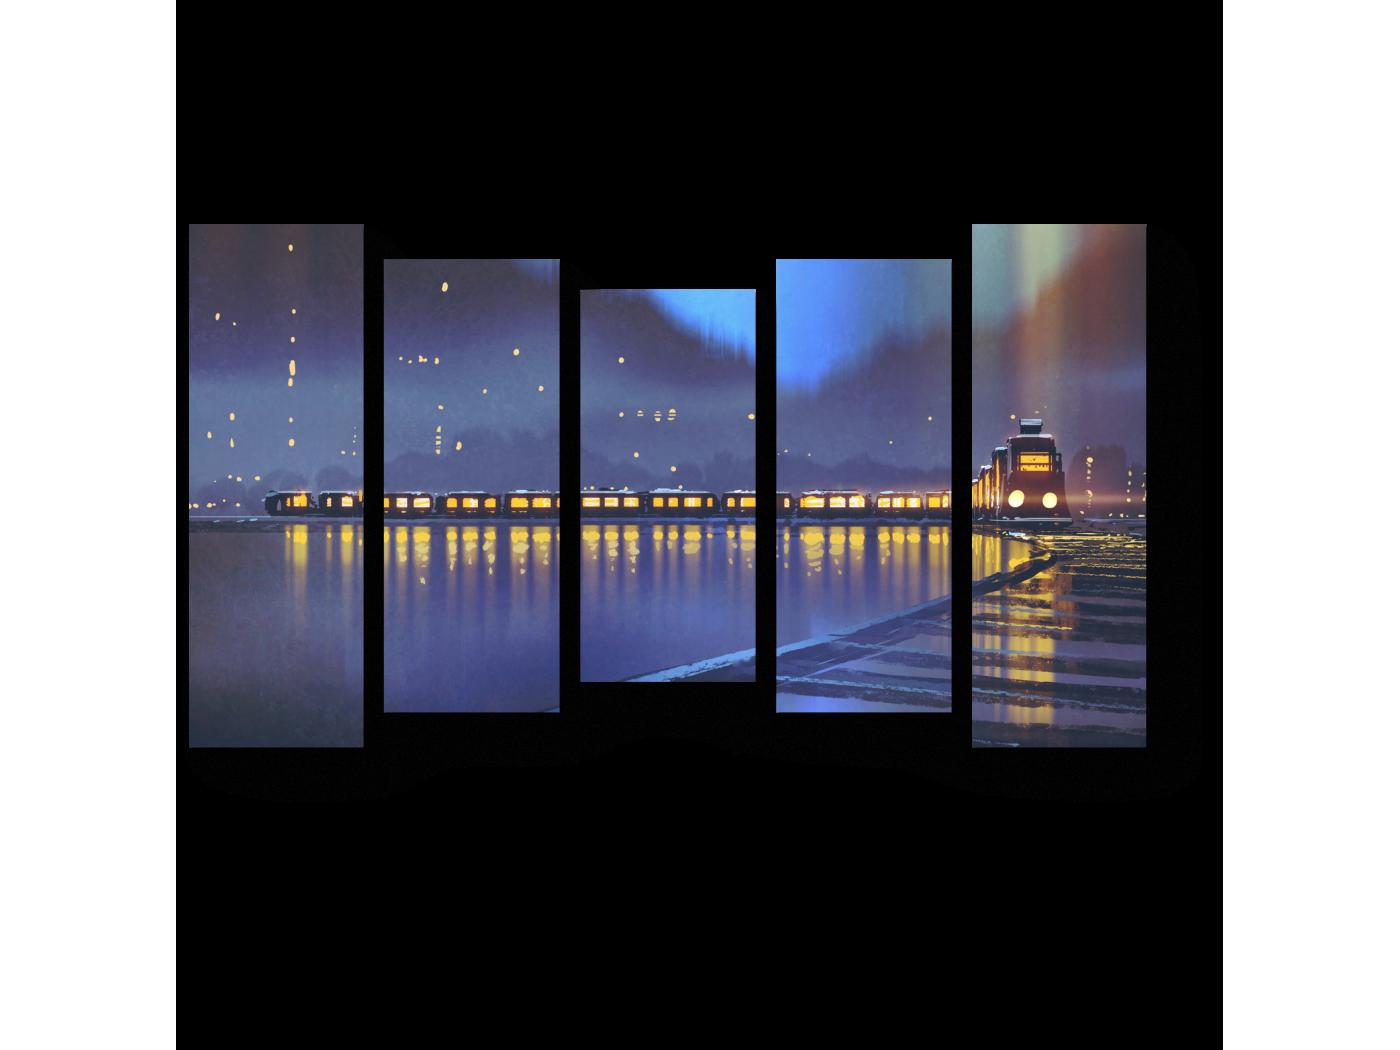 Модульная картина Ночные огни (90x54) фото